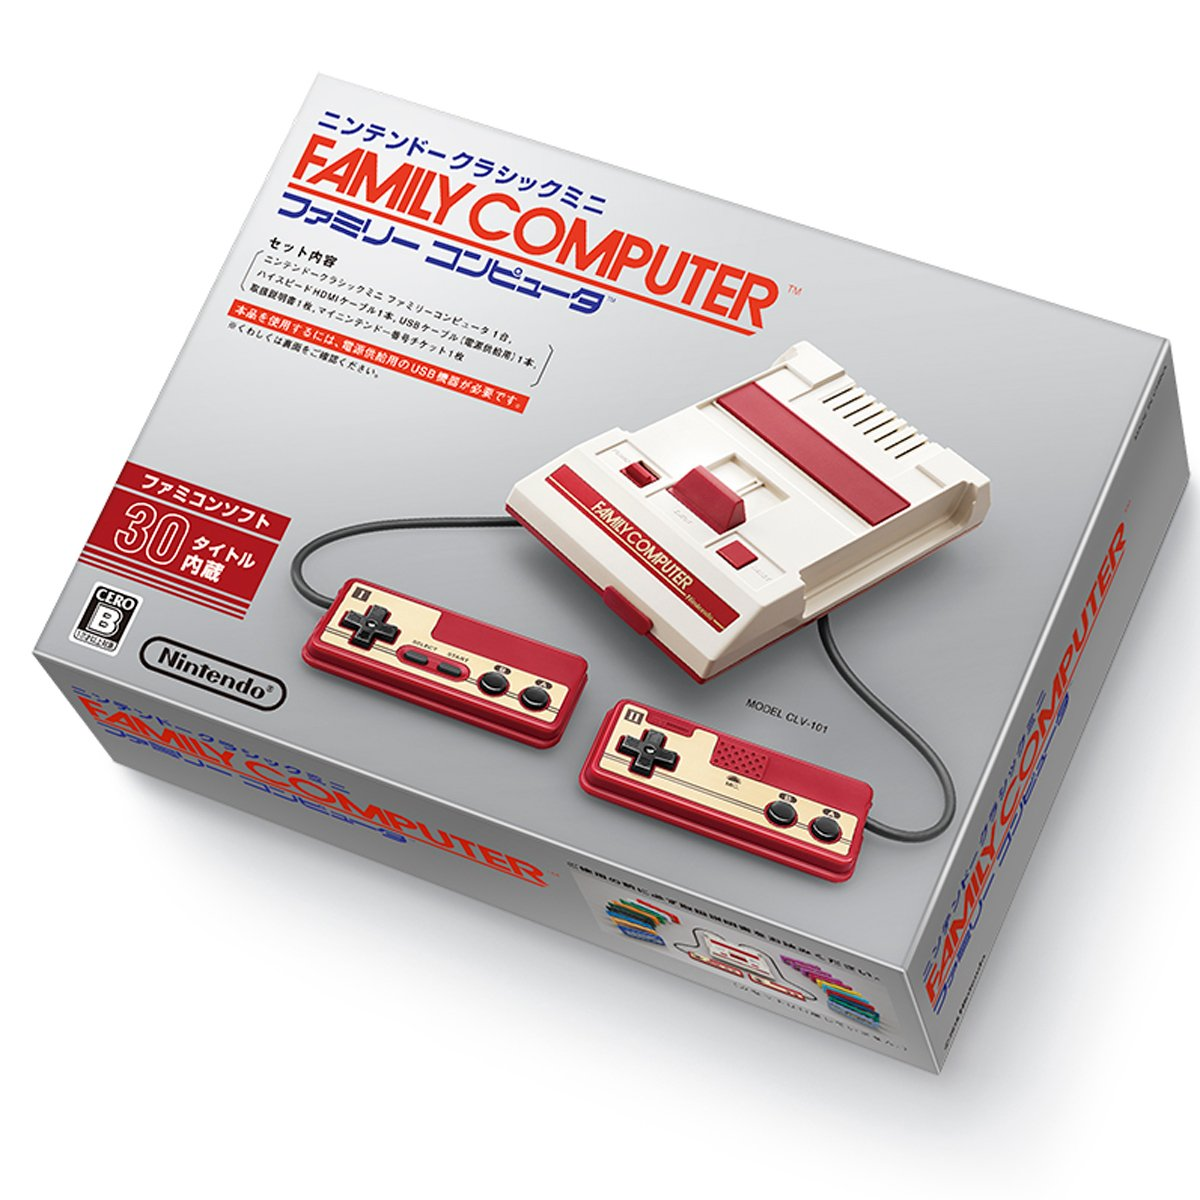 ニンテンドークラシックミニ ファミリーコンピュータ